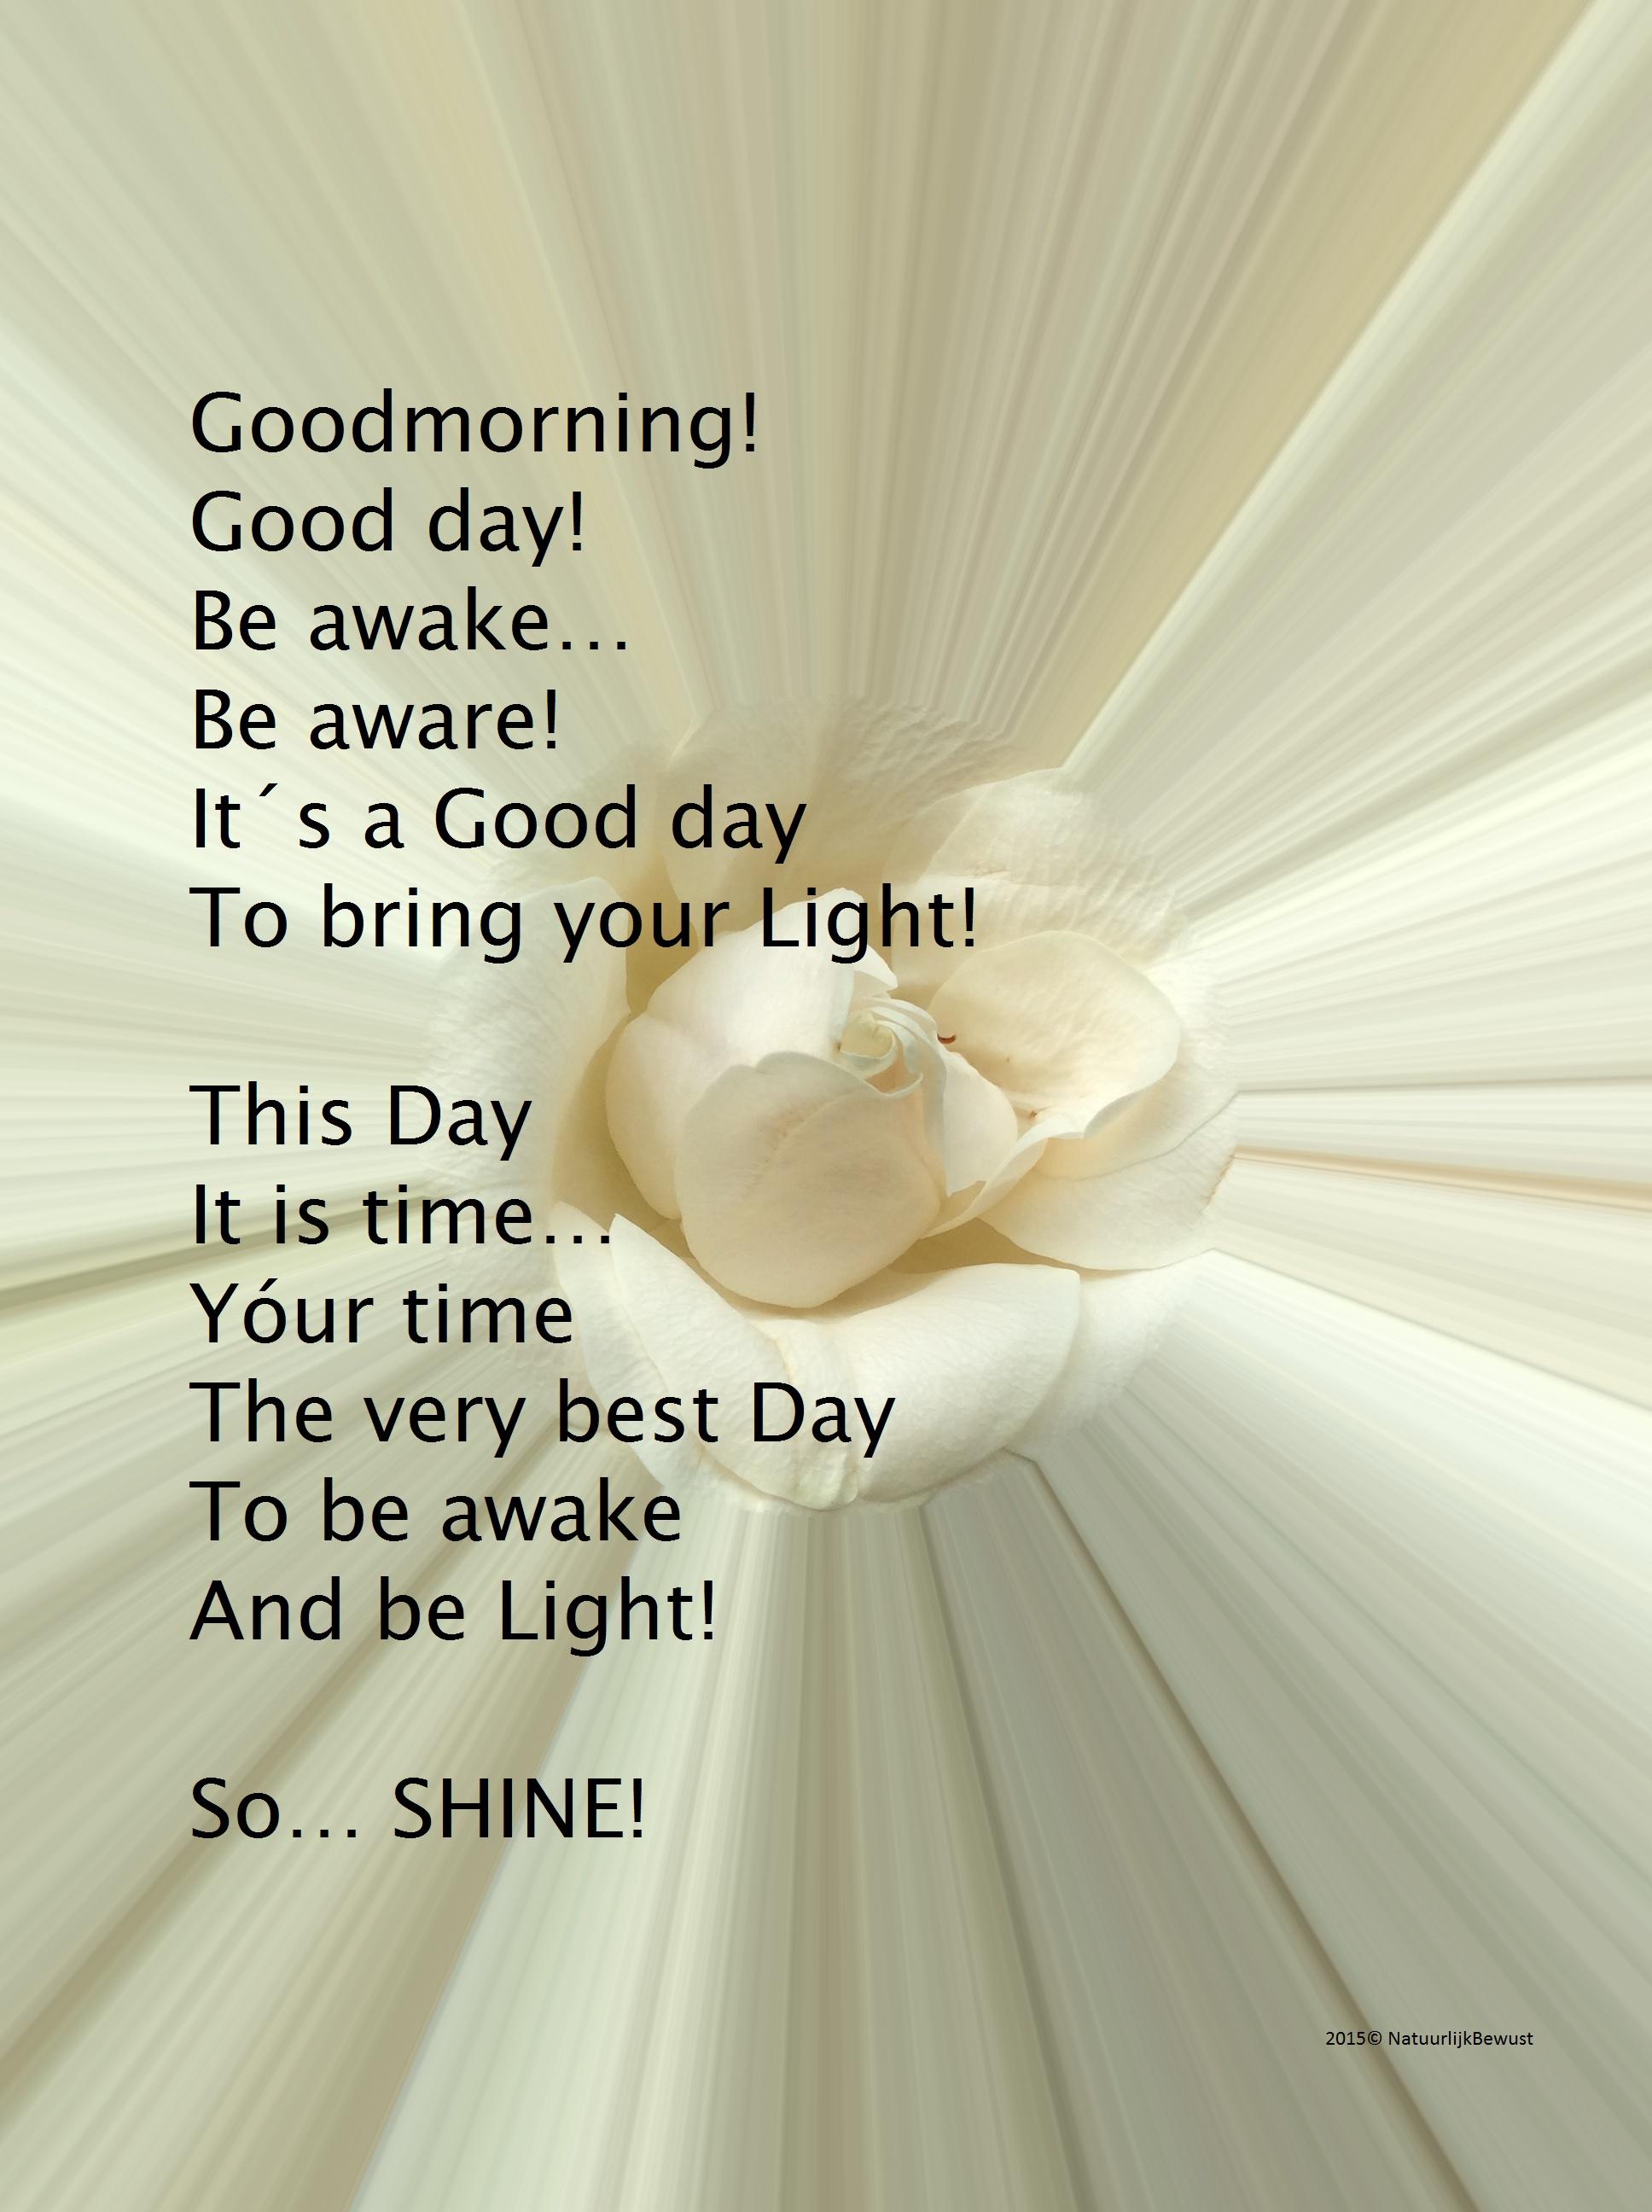 Aspecten van de Ziel - Awake and Shine!